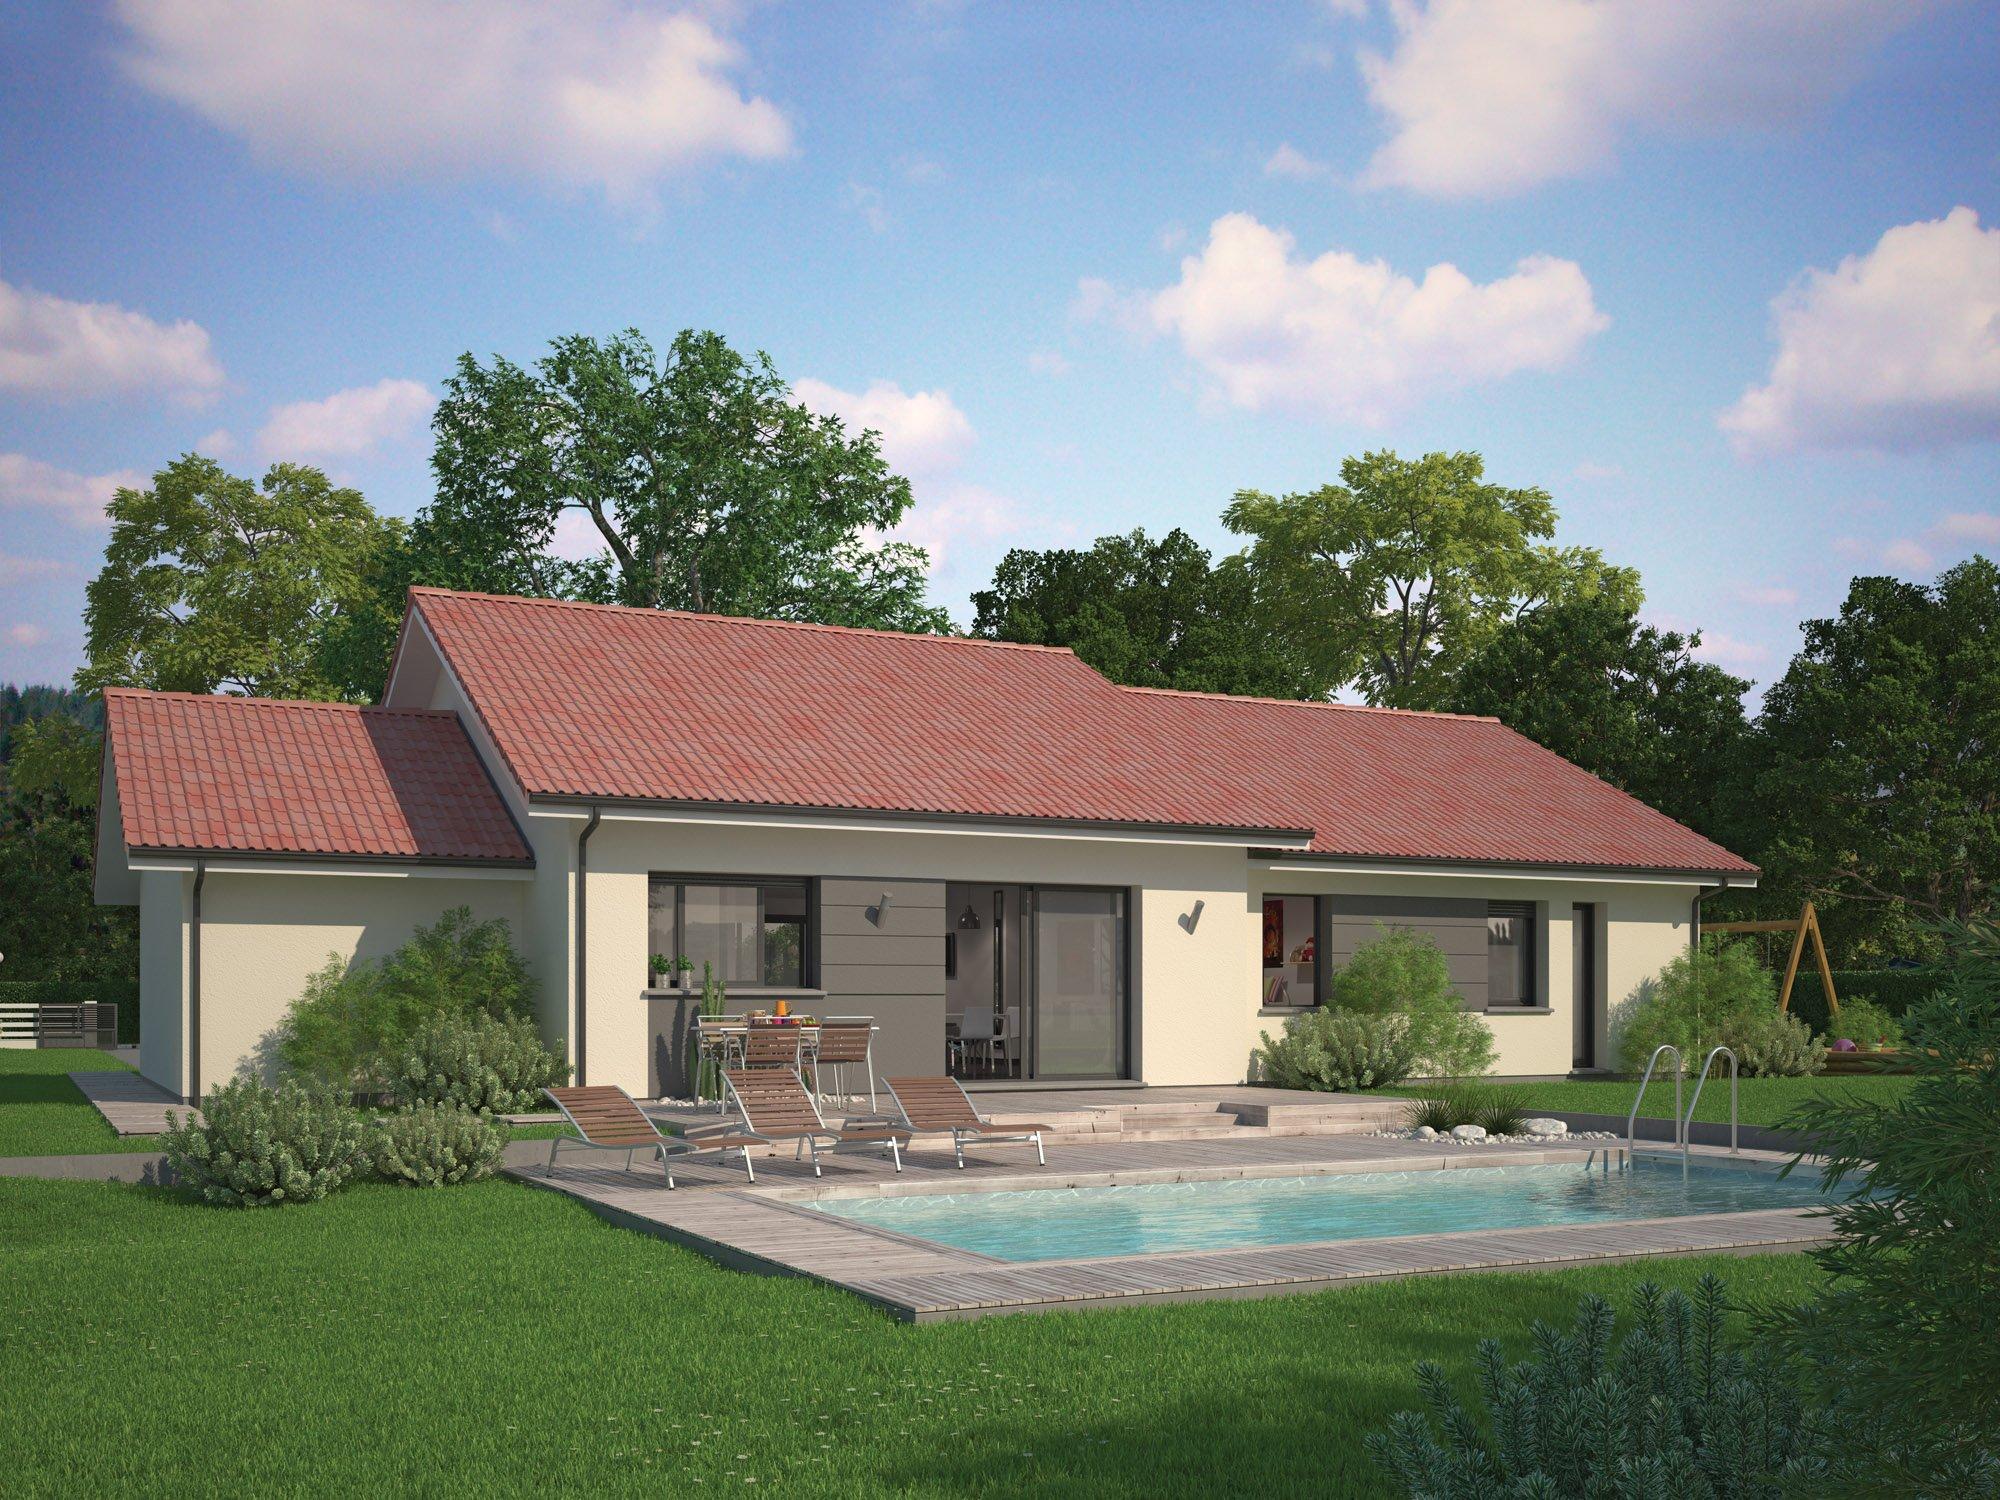 Maisons + Terrains du constructeur Maisons familiales Échirolles • 100 m² • VARACIEUX